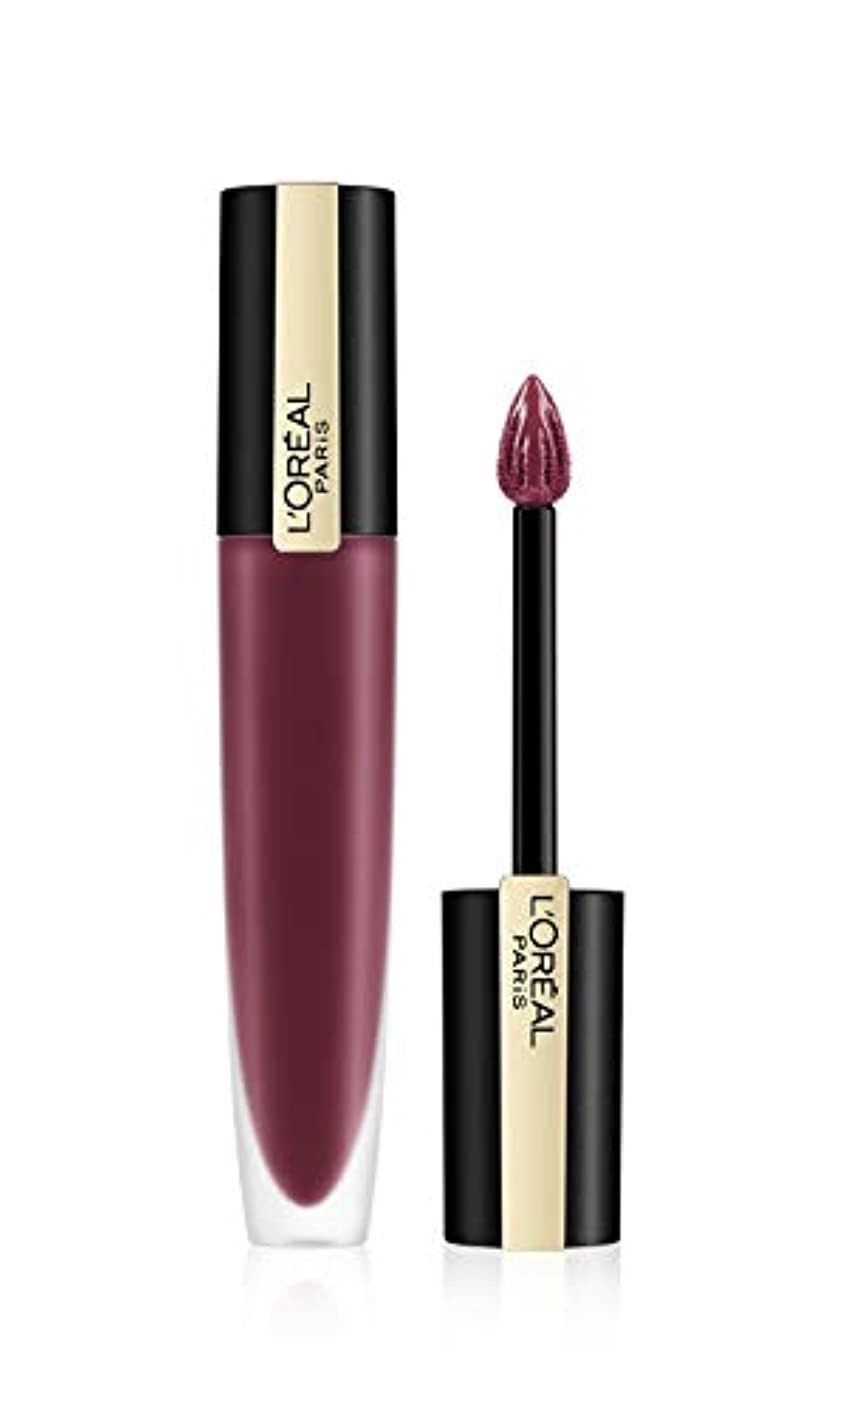 迅速パトワ貸すL'Oreal Paris Rouge Signature Matte Liquid Lipstick,103 I Enjoy, 7g